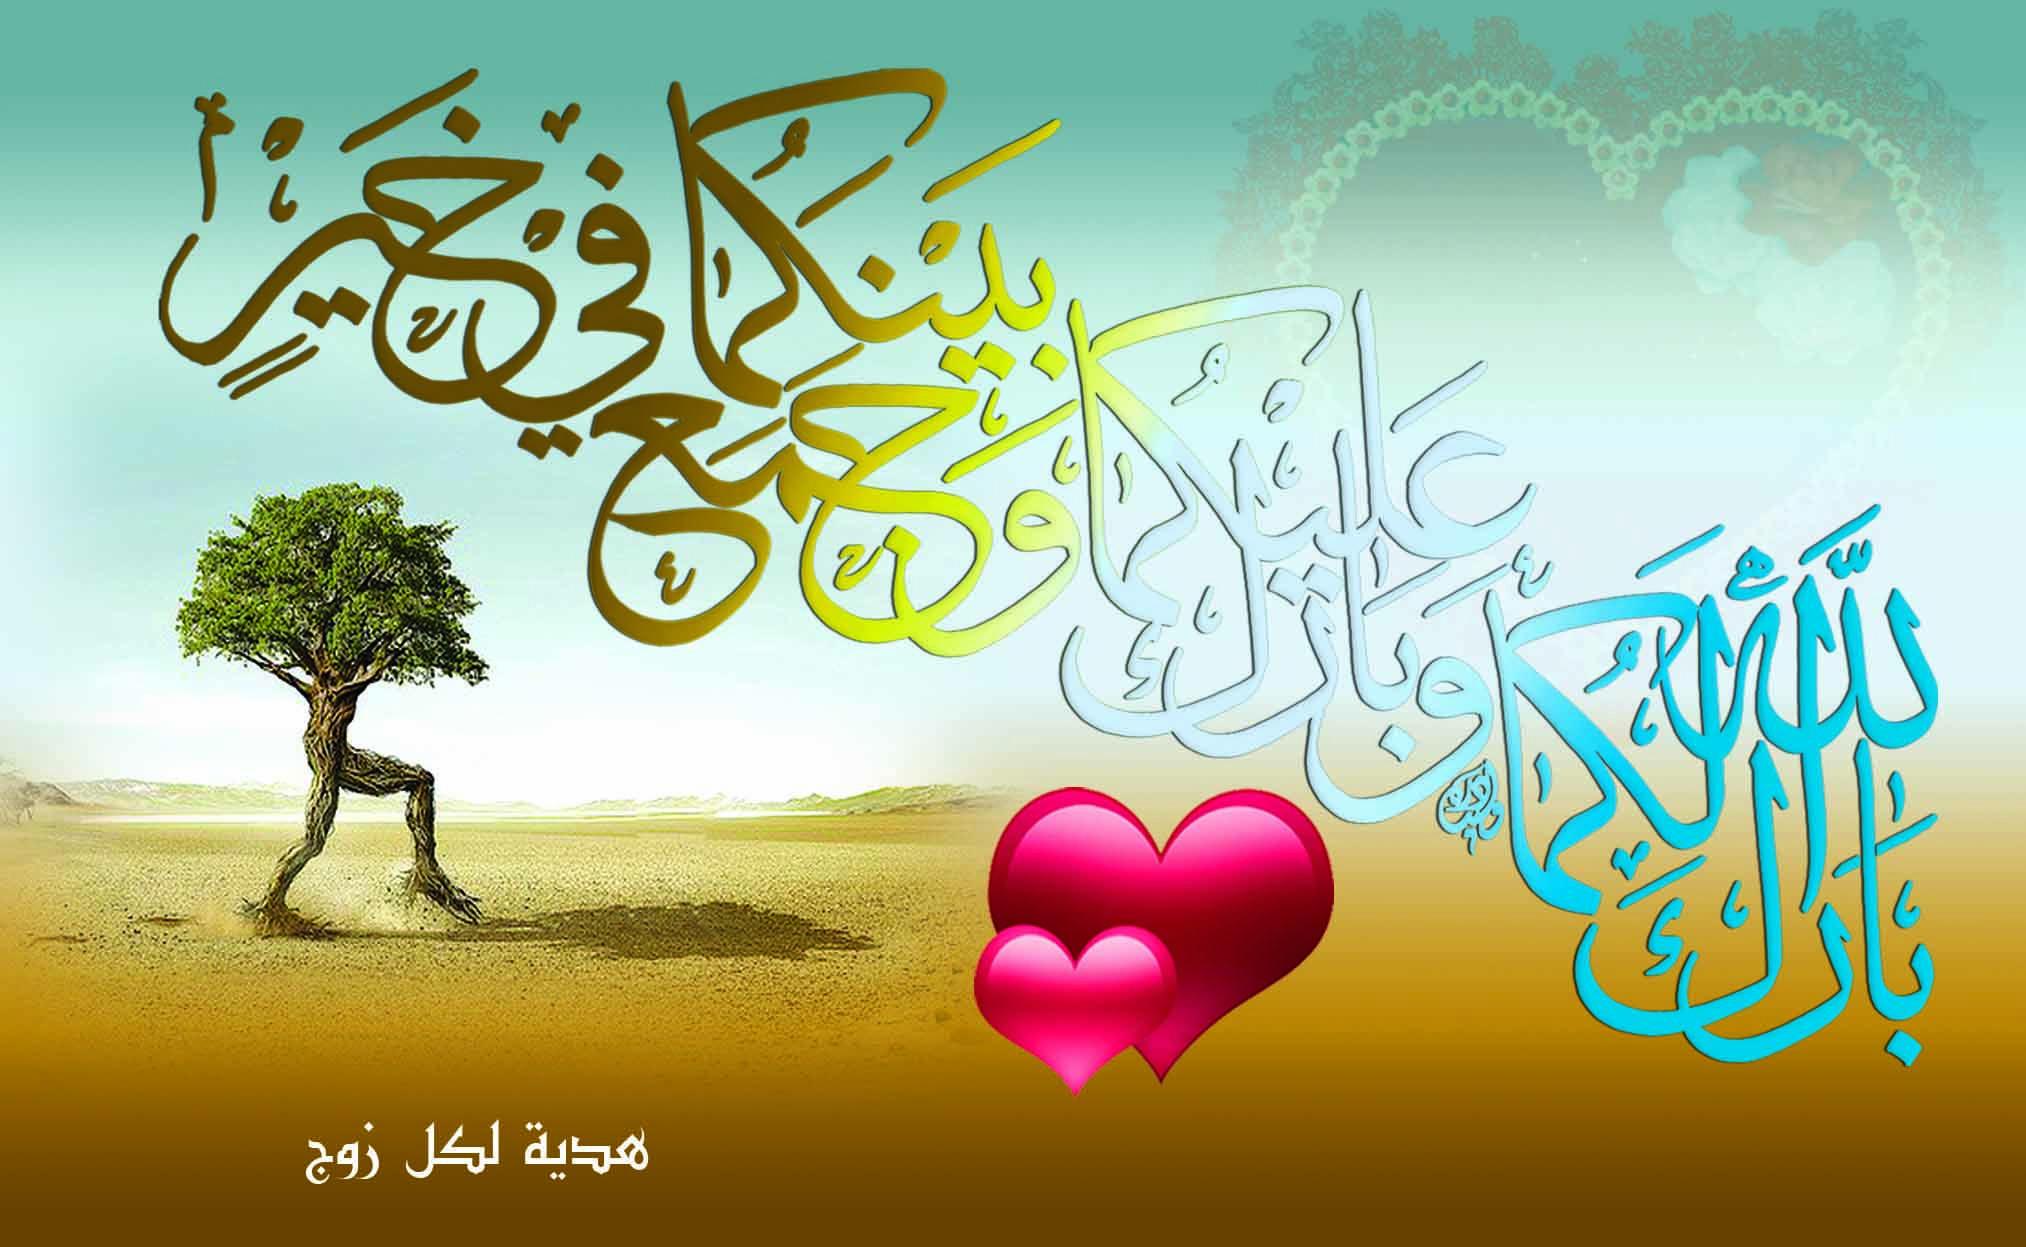 بارك الله لكما جمع بينكما في خير تهنئة زواج دعاء للخطاط أ وليد دره Kaligrafi